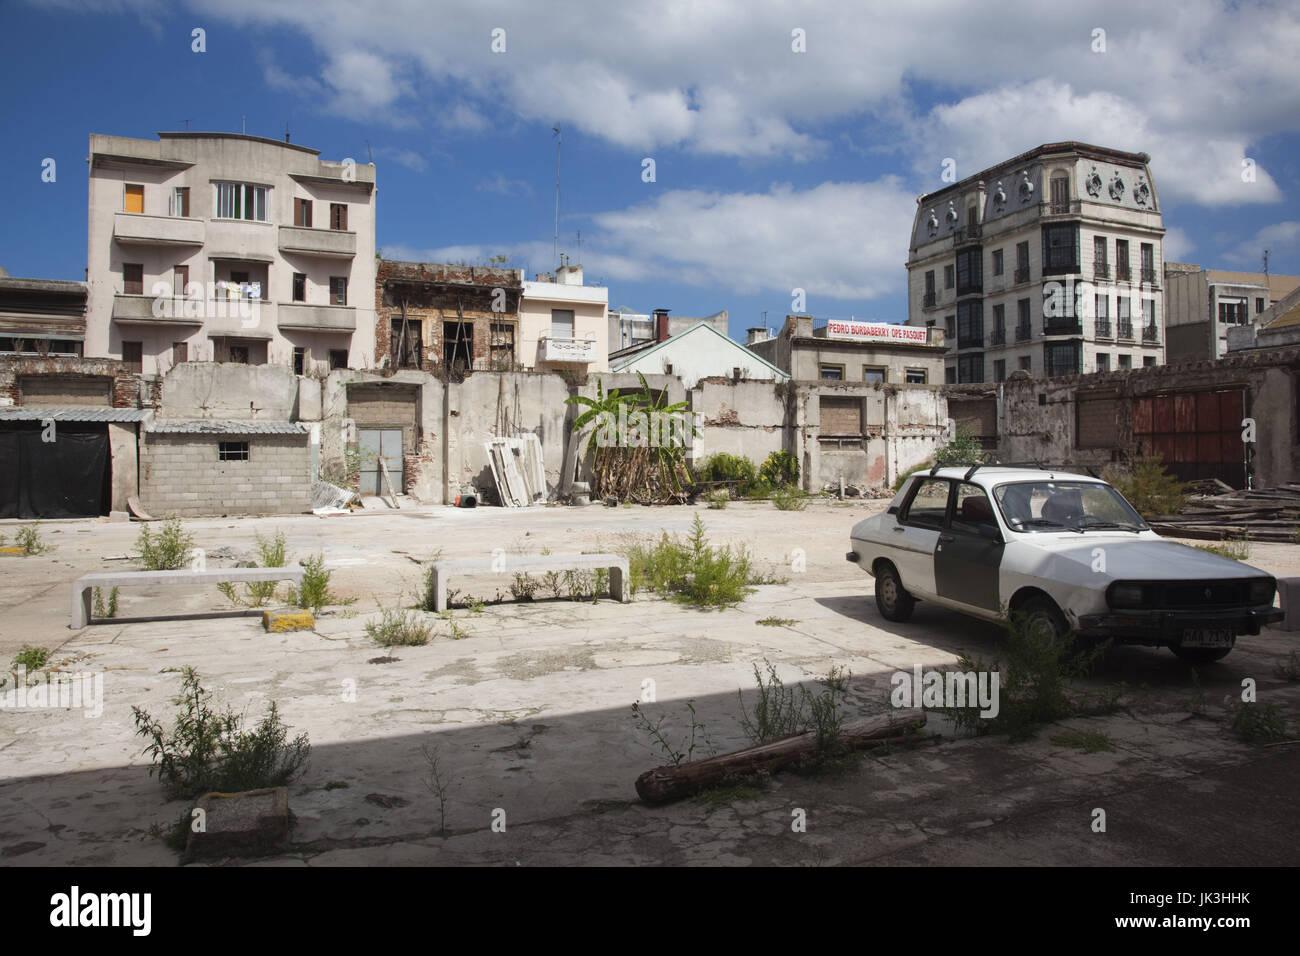 L'Uruguay, Montevideo, quartier port détail Photo Stock